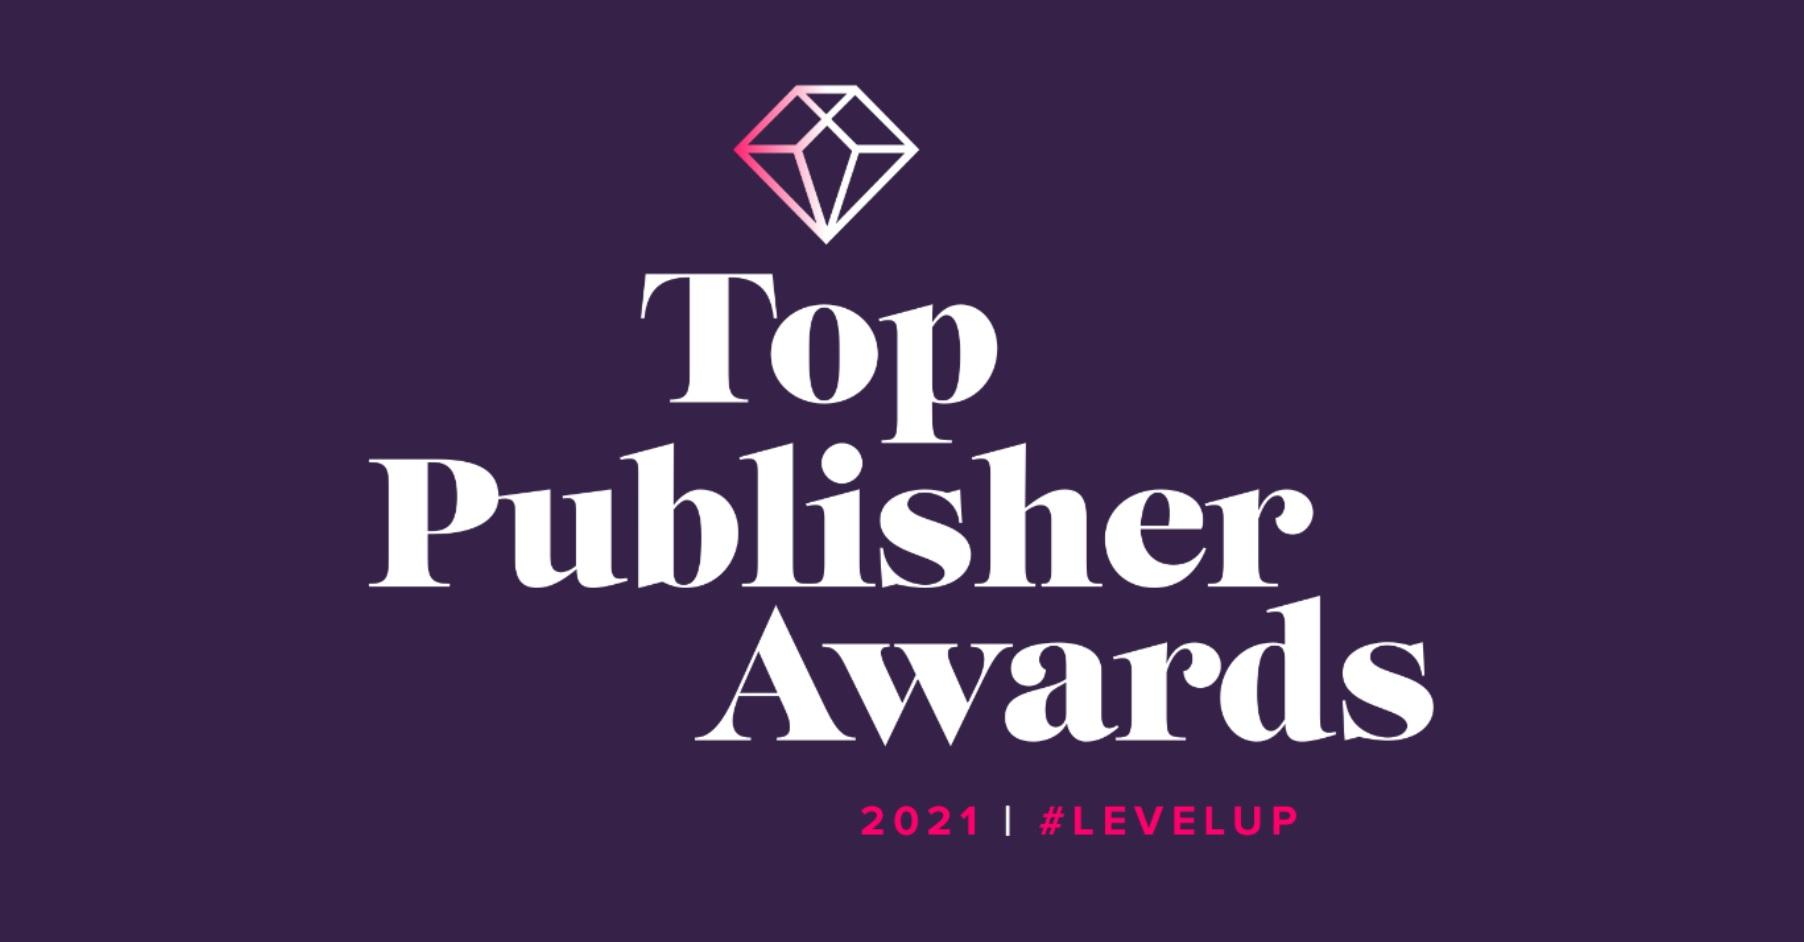 BANDAI NAMCO in sesta posizione nella Top Publisher Award 2021